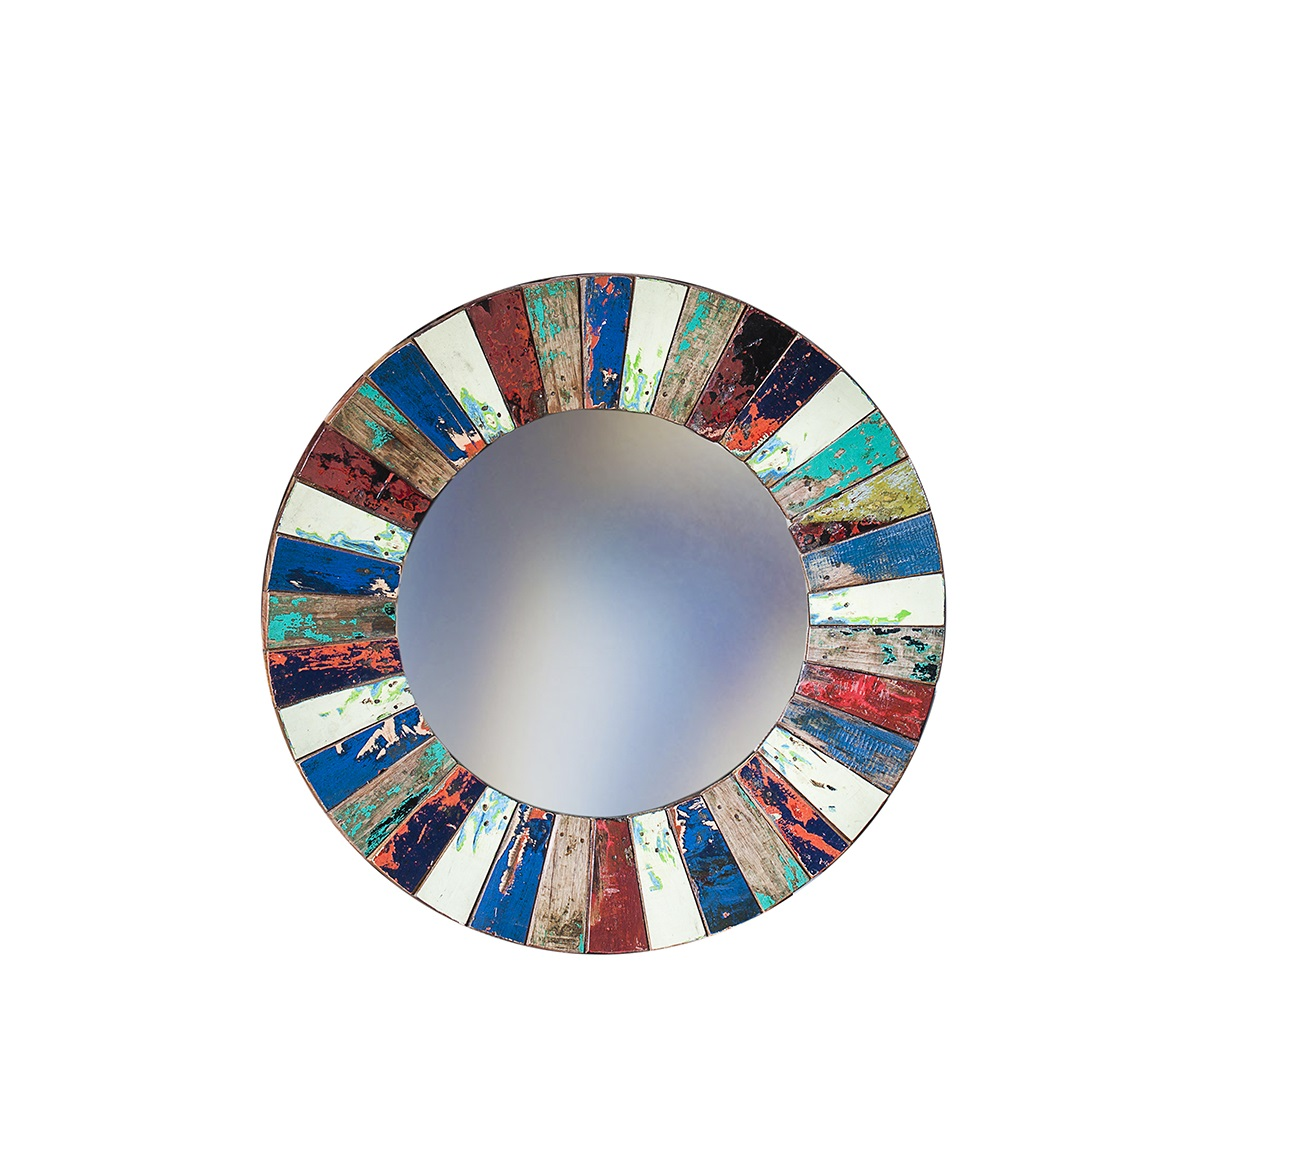 Зеркало КолобокНастенные зеркала<br>Круглое зеркало выполнено из фрагментов настоящего рыболовецкого судна, возраст которого 20-40 лет. Окрас сохранён оригинальный. Диаметр 78 см.<br><br>kit: None<br>gender: None